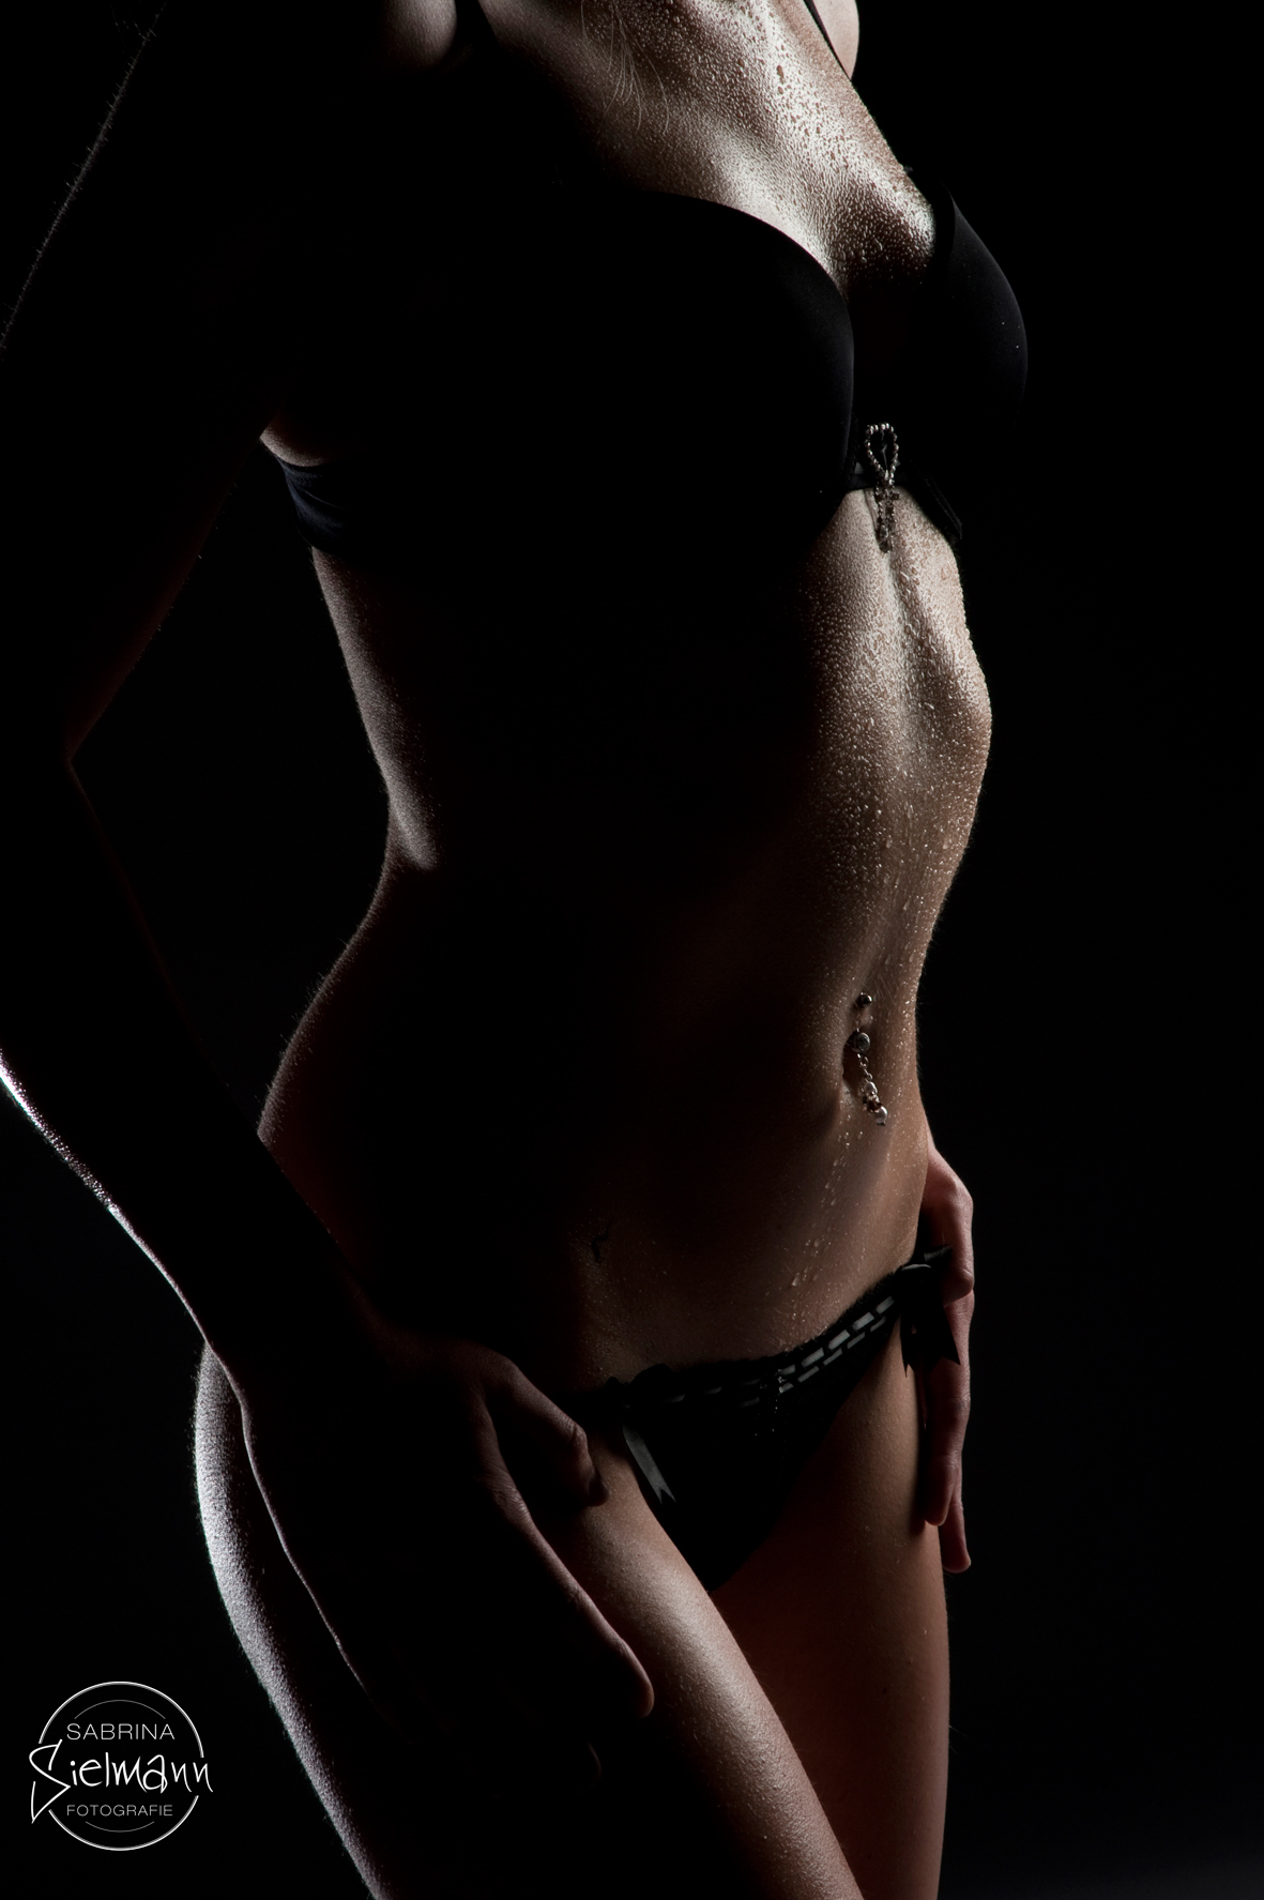 Nackt Und Angezogen Bekleidet Und Ausgezogen